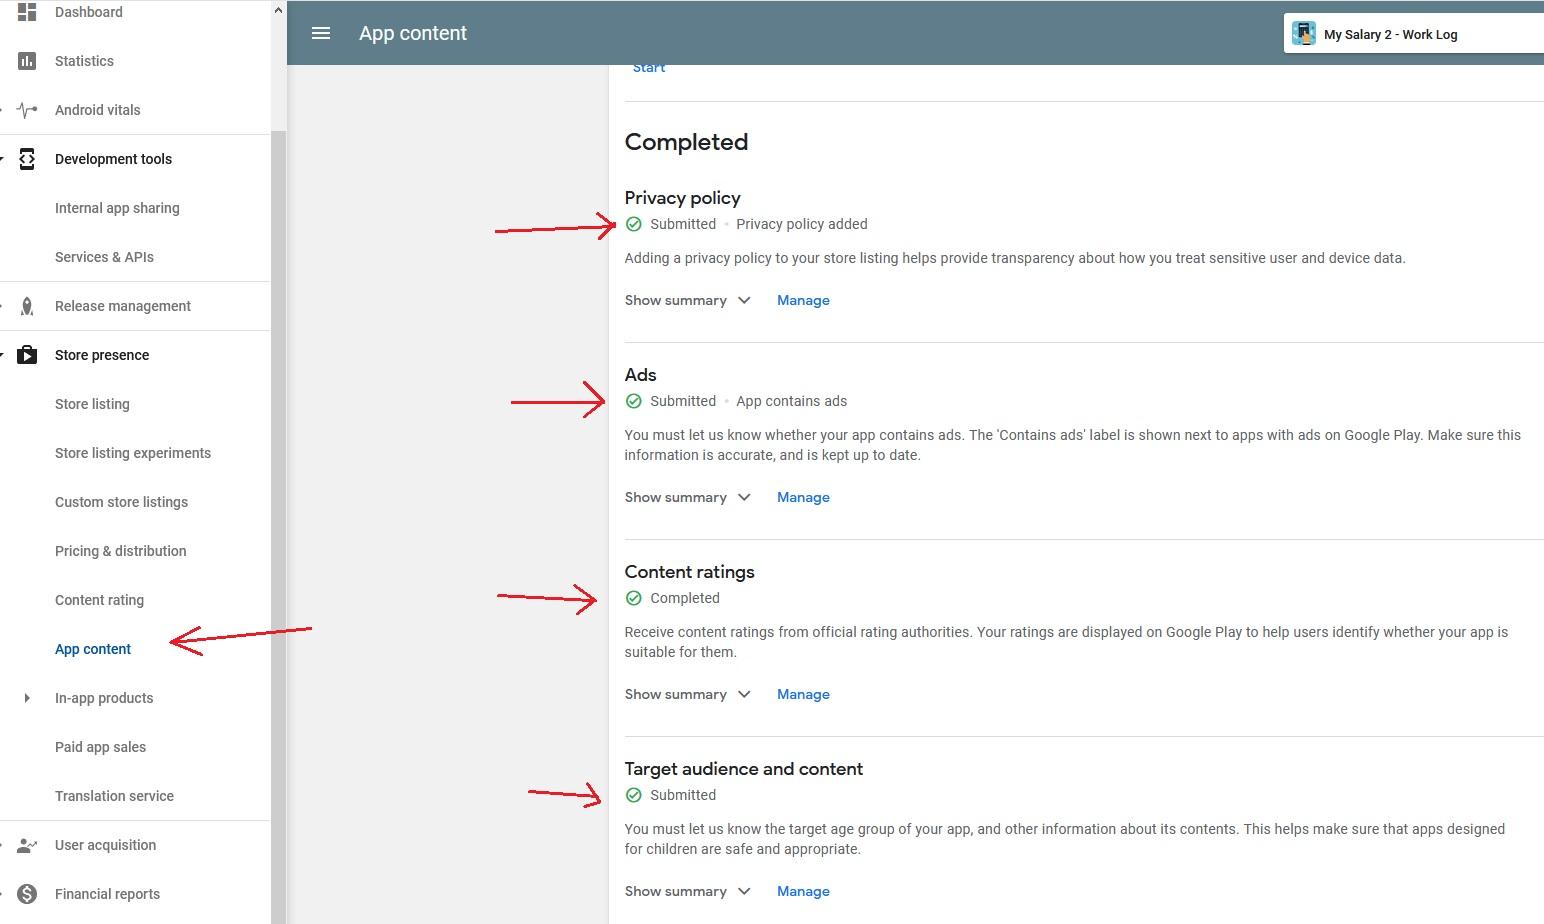 appcontent.jpg